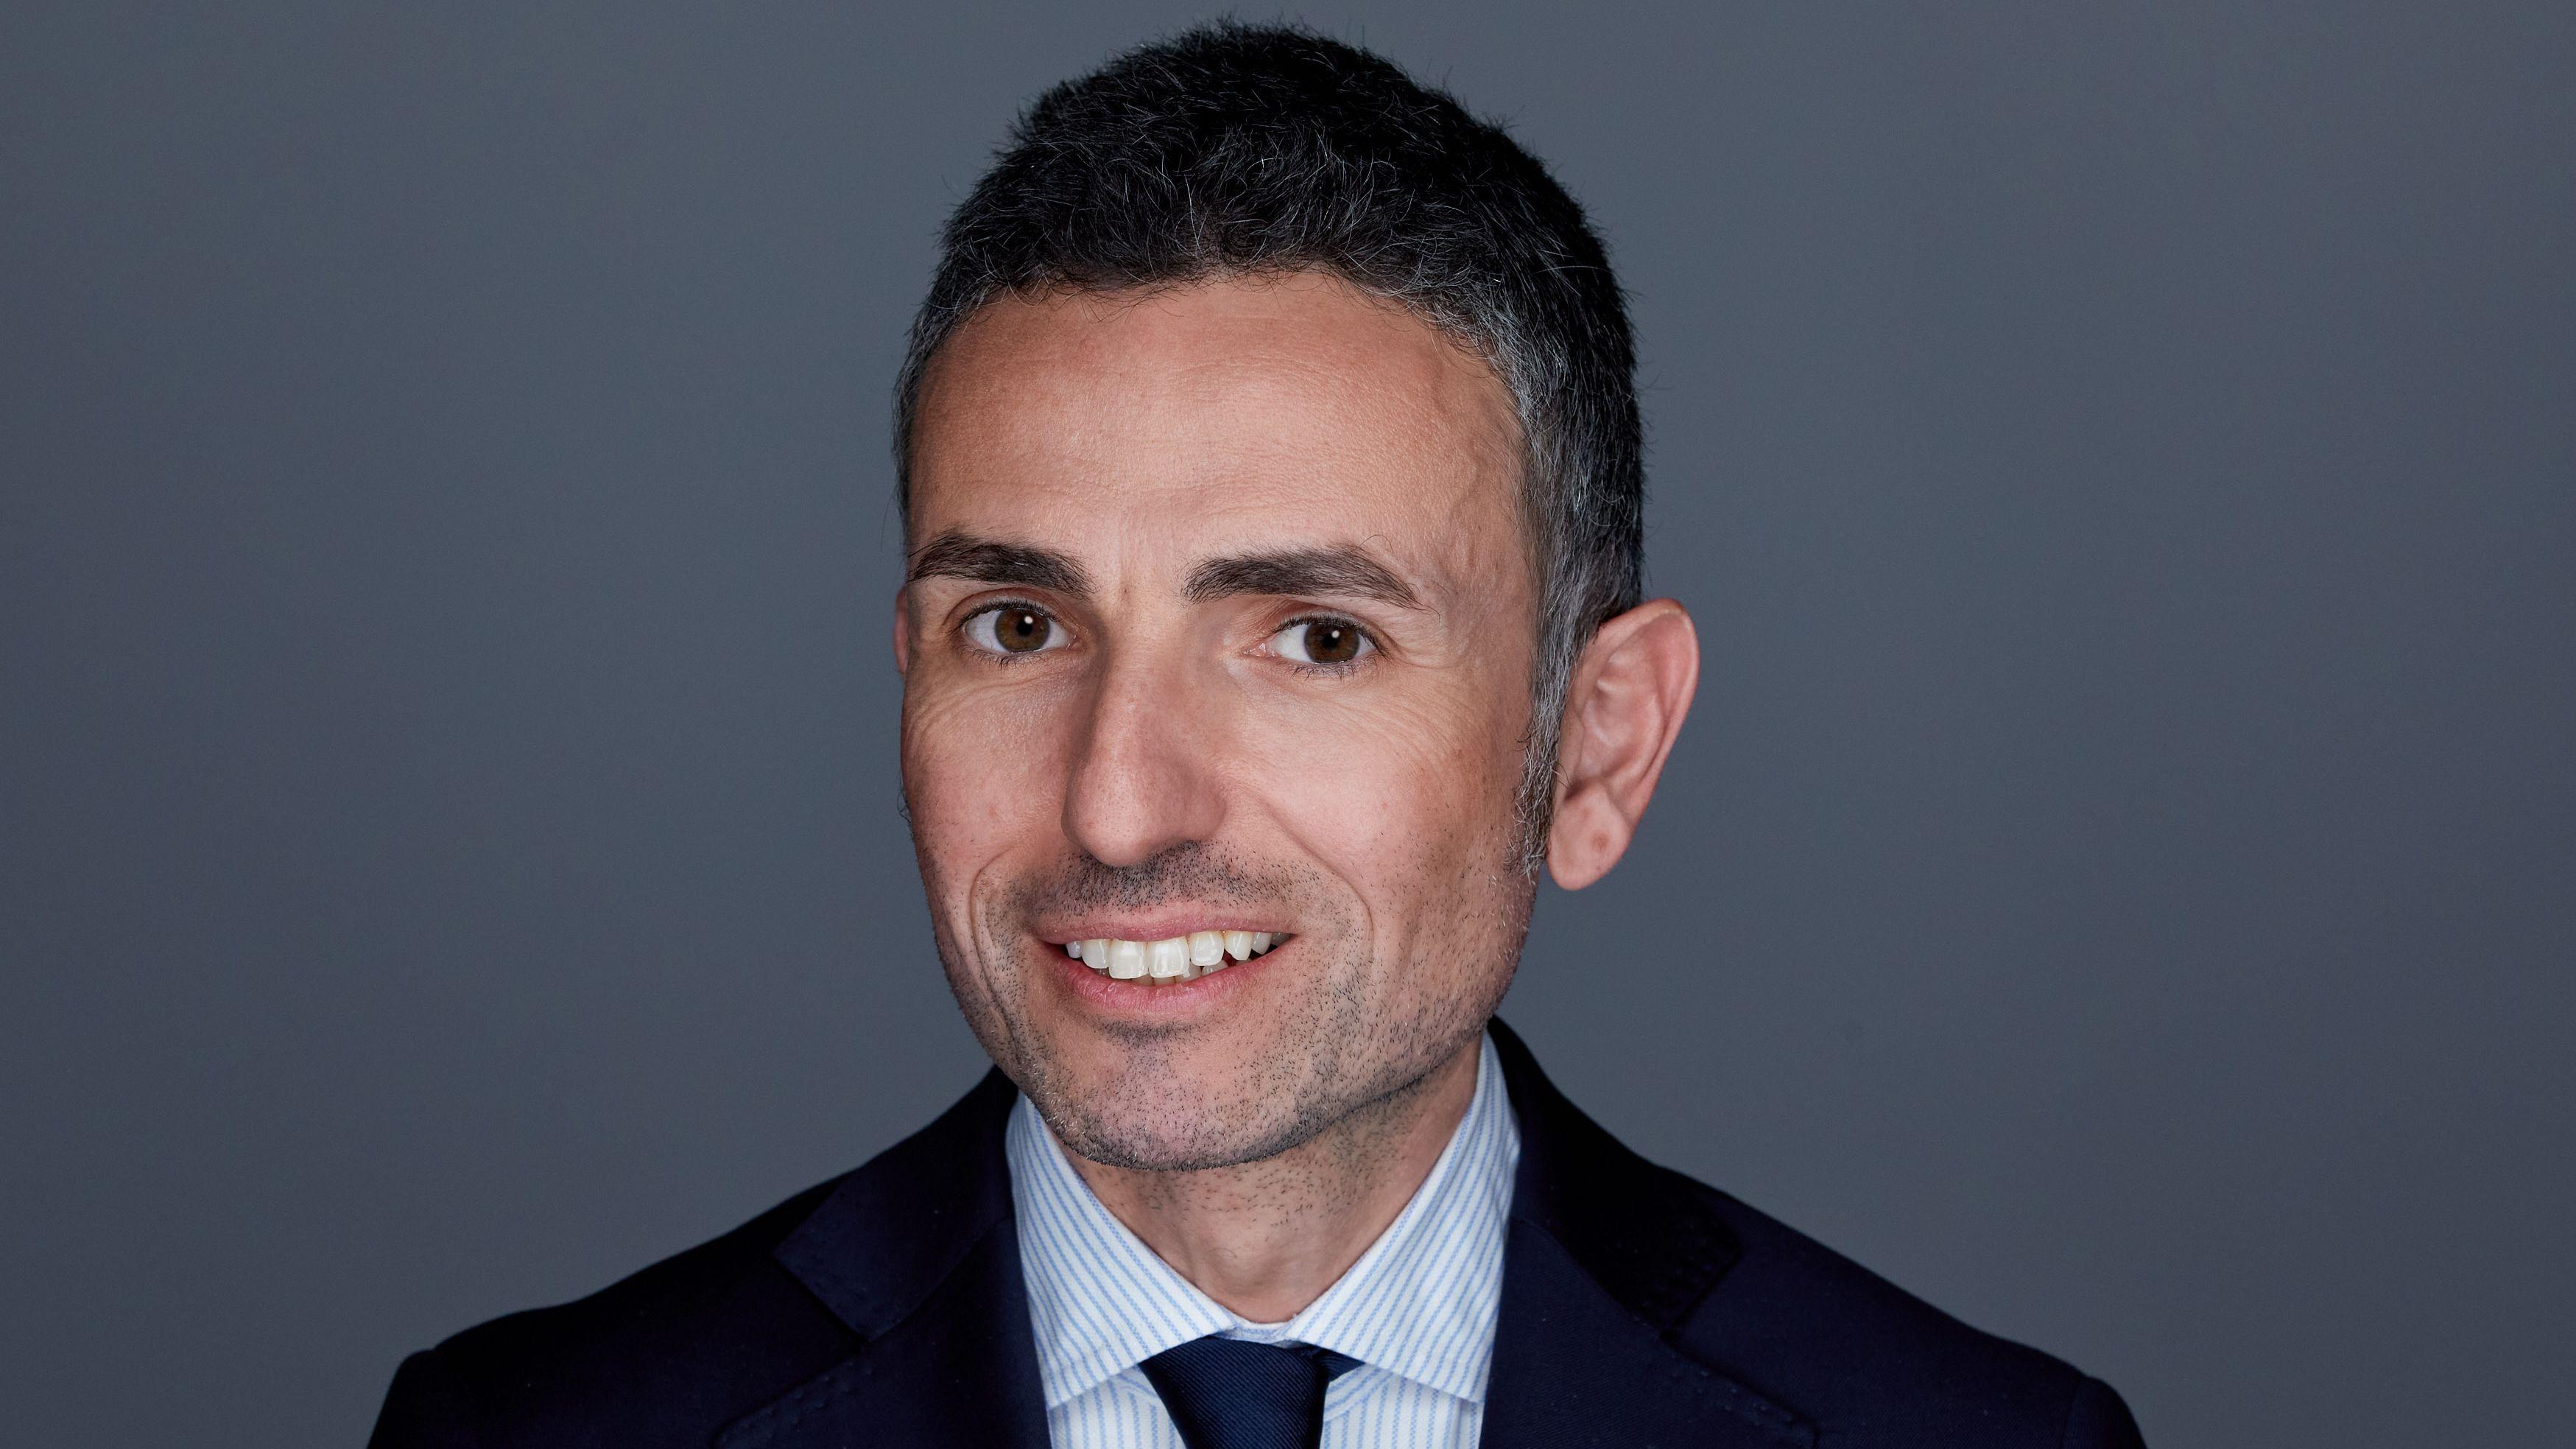 Personalwechsel: MSC ernennt Alfonso Piccirillo zum neuen Finanzchef